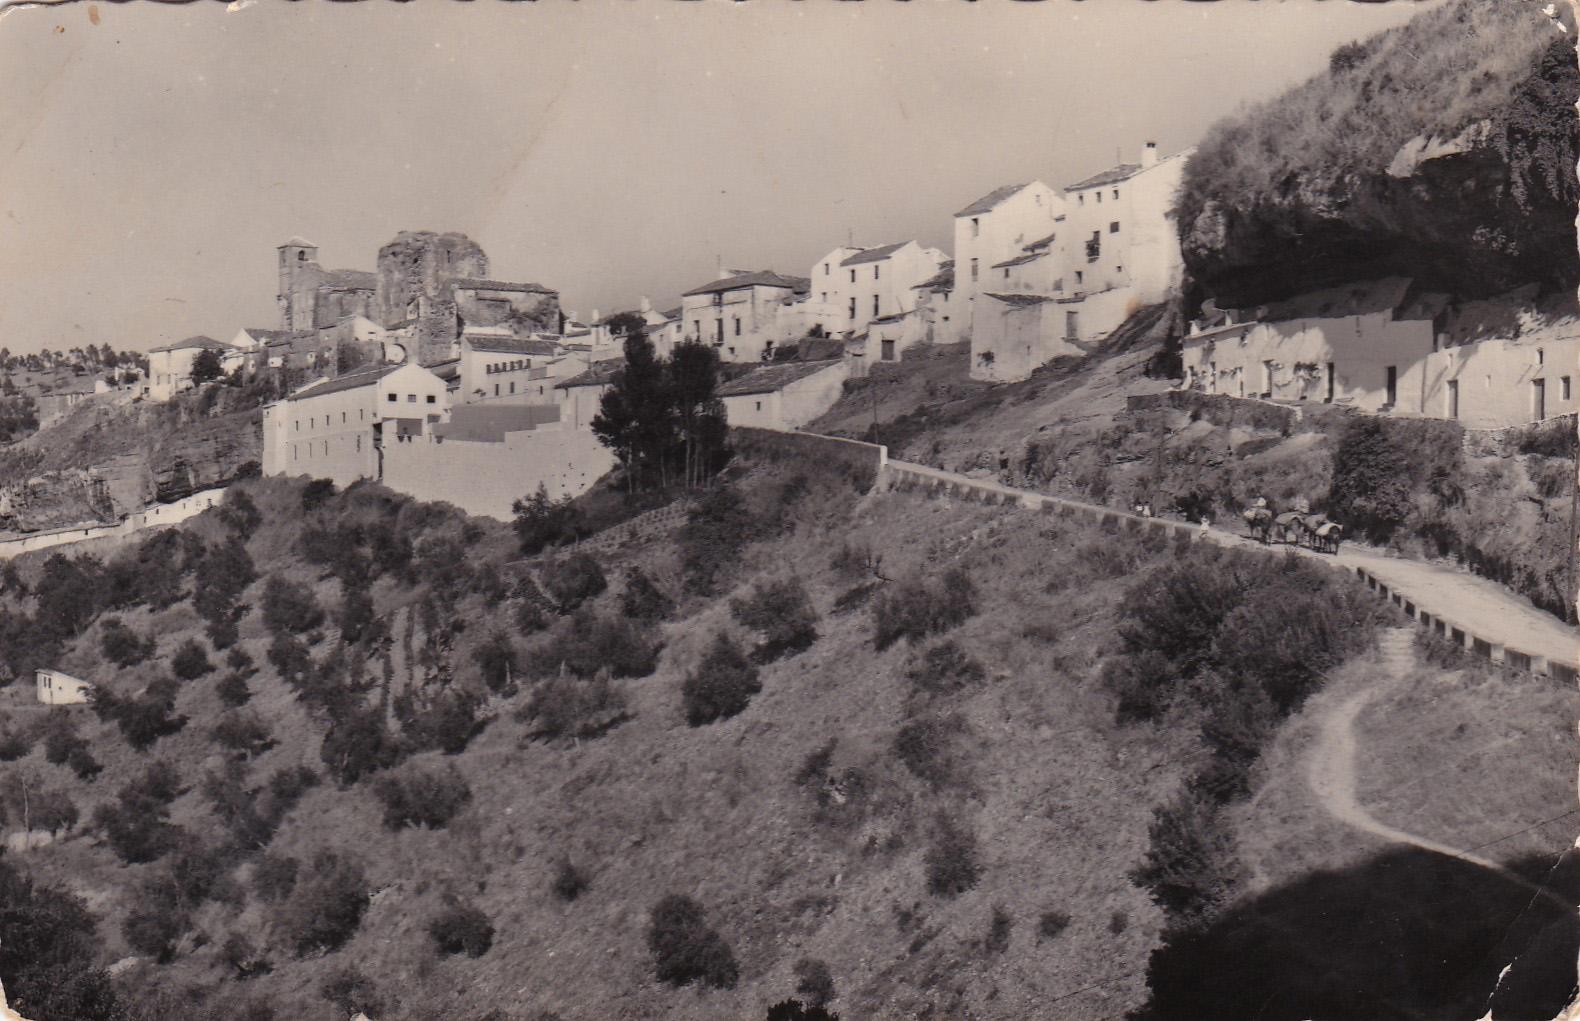 """Imagen de Las Calañas, con el camino hacia Los Caños visible y al fondo el cine de verano, en el actual Hotel Villa de Setenil. Todavía no se han construido los """"pisos de los maestros"""" y la presencia de los burros es constante."""